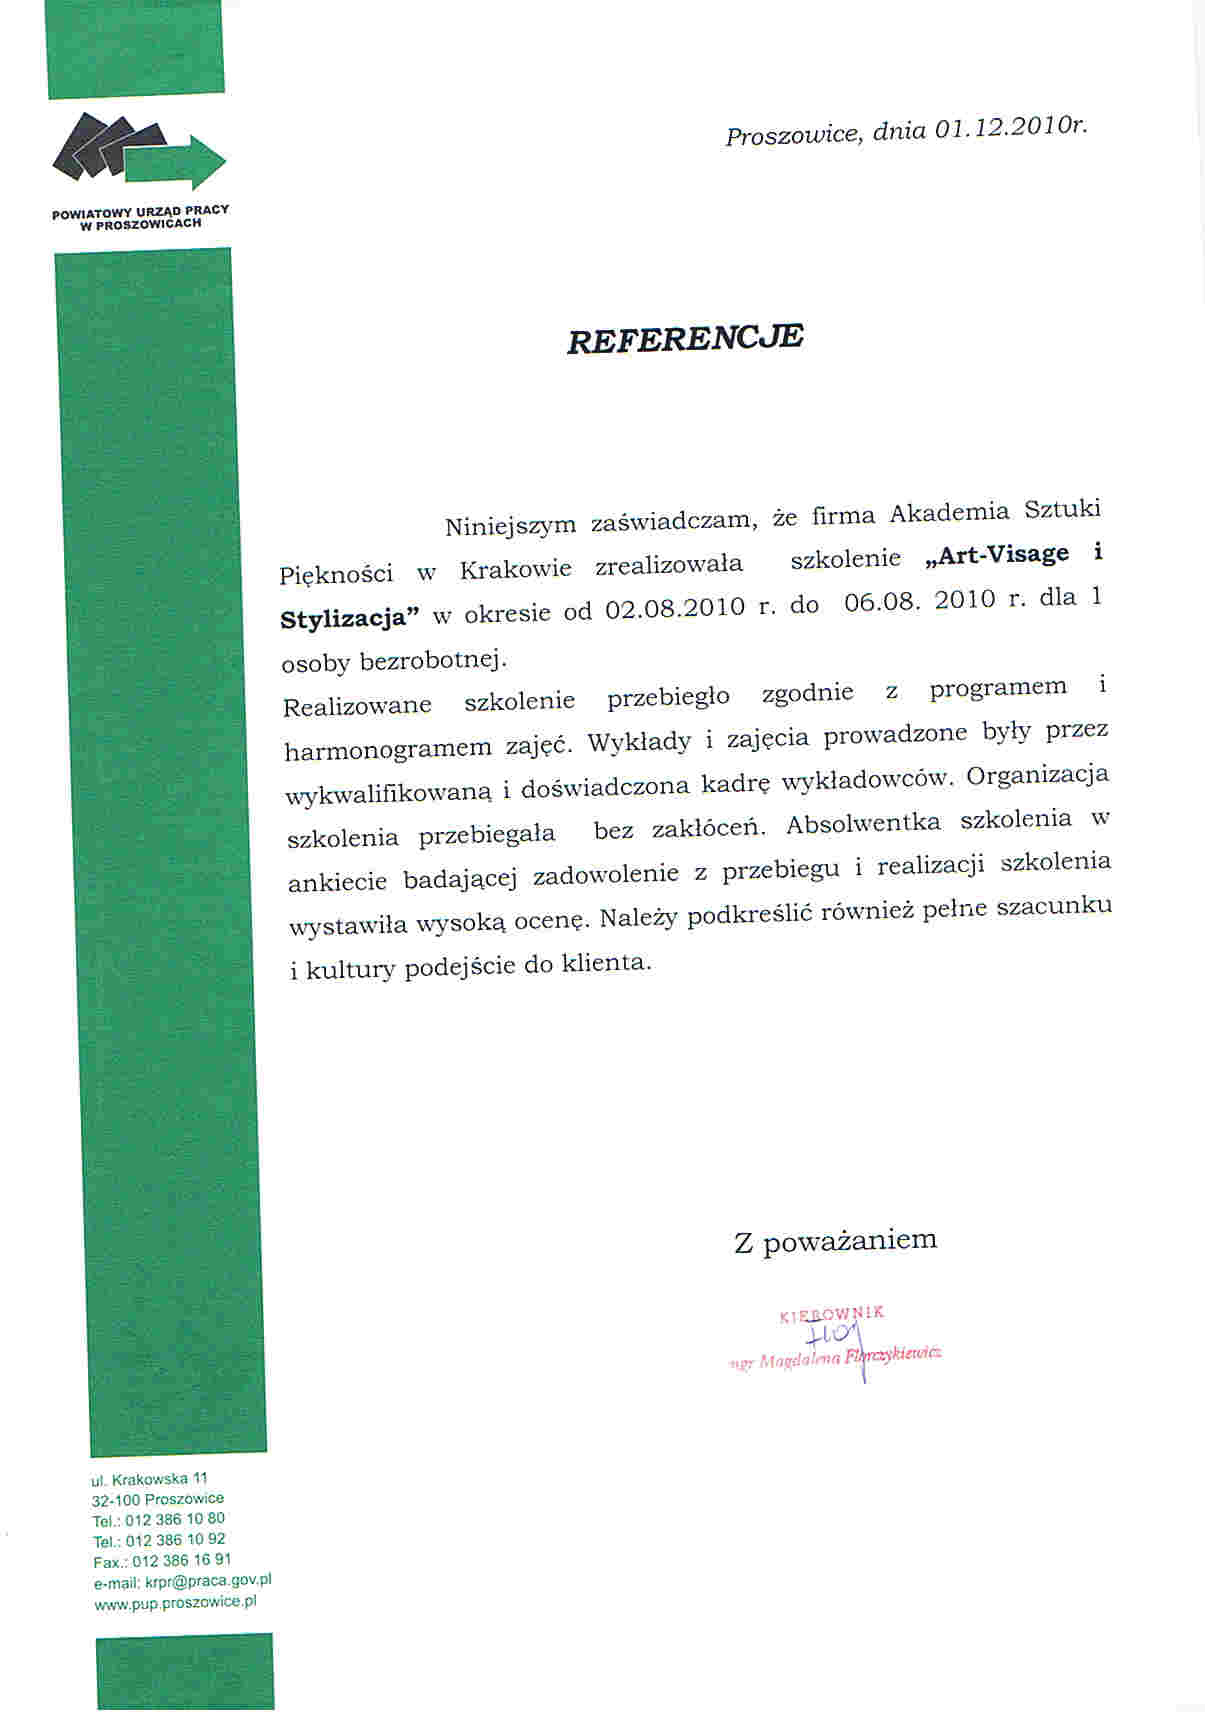 Powiatowy Urząd Pracy w Proszowicach-Proszowice